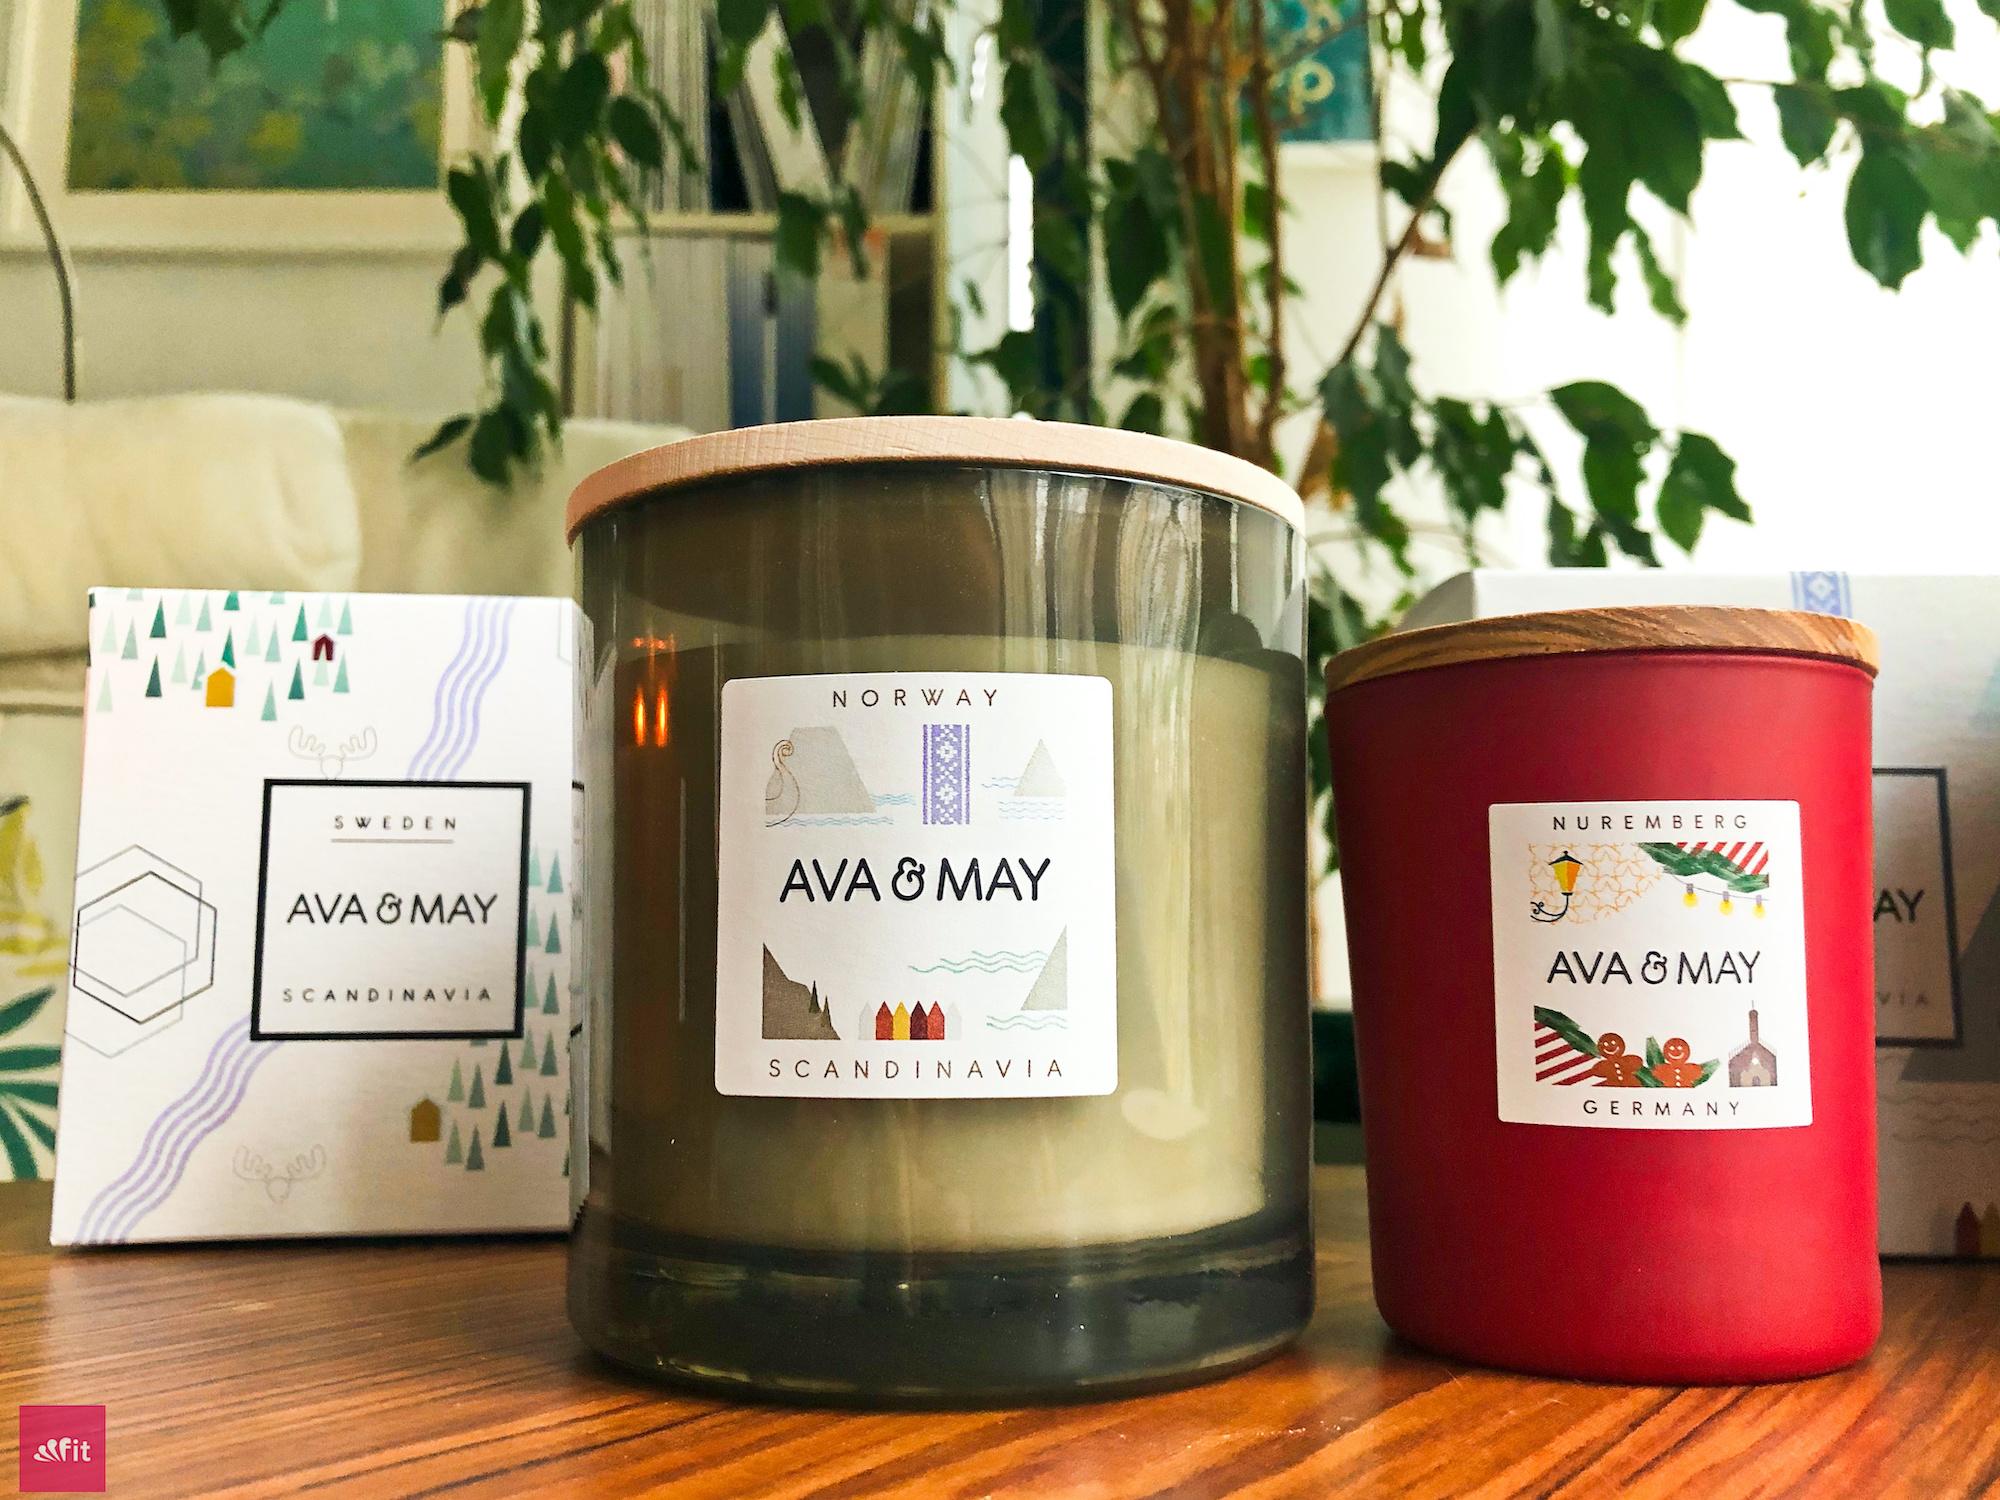 """Die schönsten Düfte ganz im Sinne des skandinavischen Minimalismusvereint. Die sanften Nuancen der Persia-Kerze werden durch die Wärme der Skandinavien-Reihe. Besonderes Erlebnis der Gemütlichkeit für dein Zuhause. Sie passen zudem optisch und vom Duft perfekt zusammen. Duftnoten des Trios: frisch, holzig, süß #Duftkerzen #Wohnzimmer #cozy #einrichtung #badezimmer #wohnung #wohnen #design #deko #dekoration #reisen // Ava & May Shop mit dem Code """"fitweltweit"""" 30% Rabatt (Werbung)"""